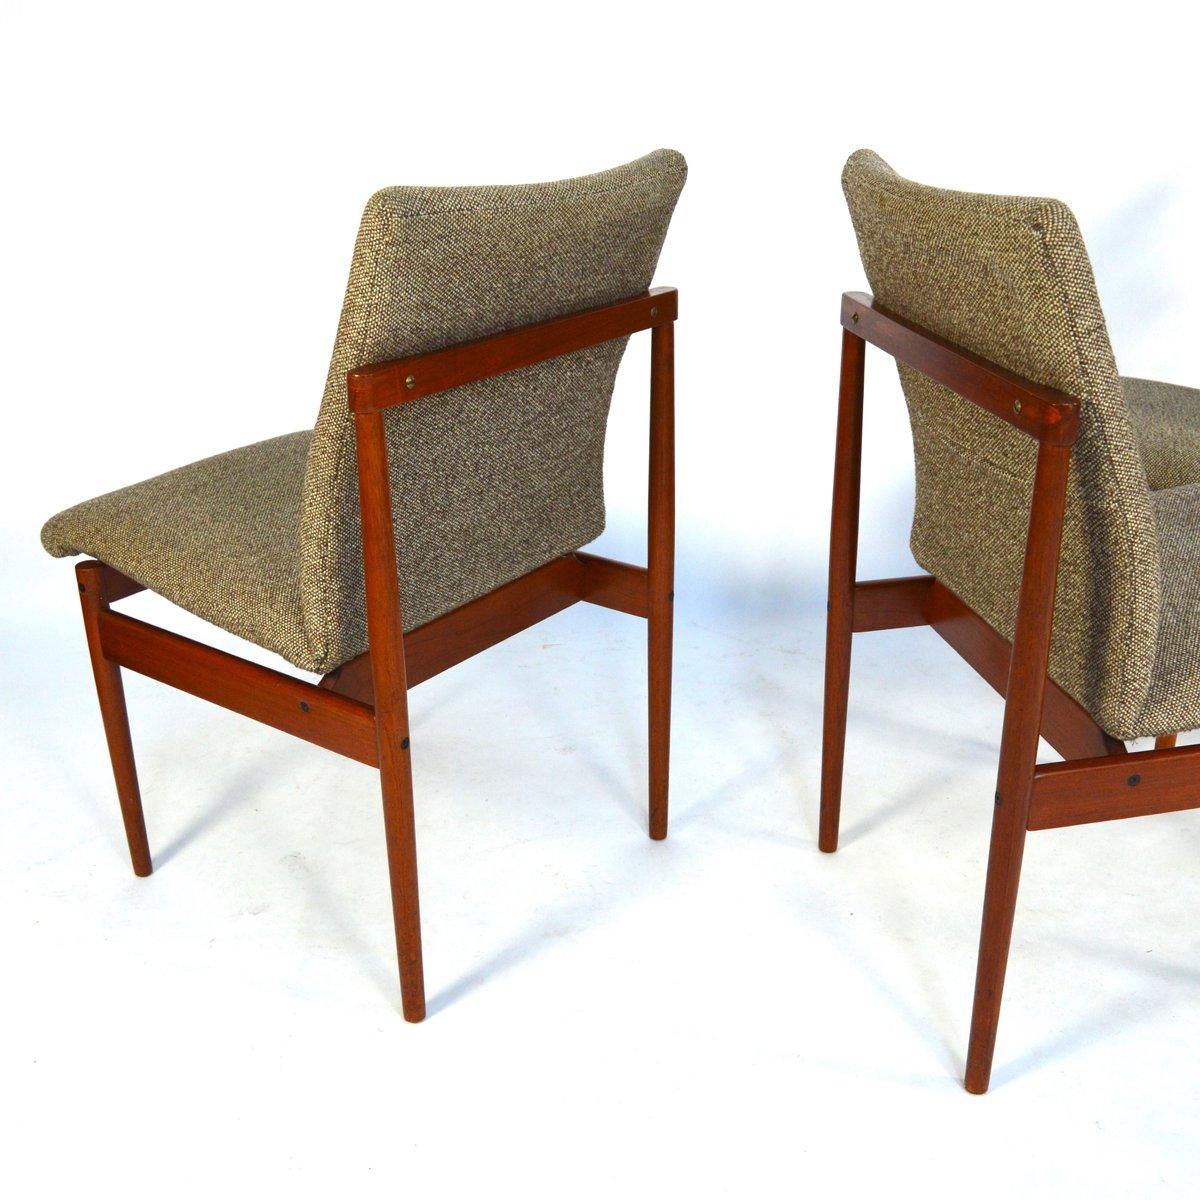 vintage esszimmerst hle aus teak und stoff von thereca 4er set bei pamono kaufen. Black Bedroom Furniture Sets. Home Design Ideas